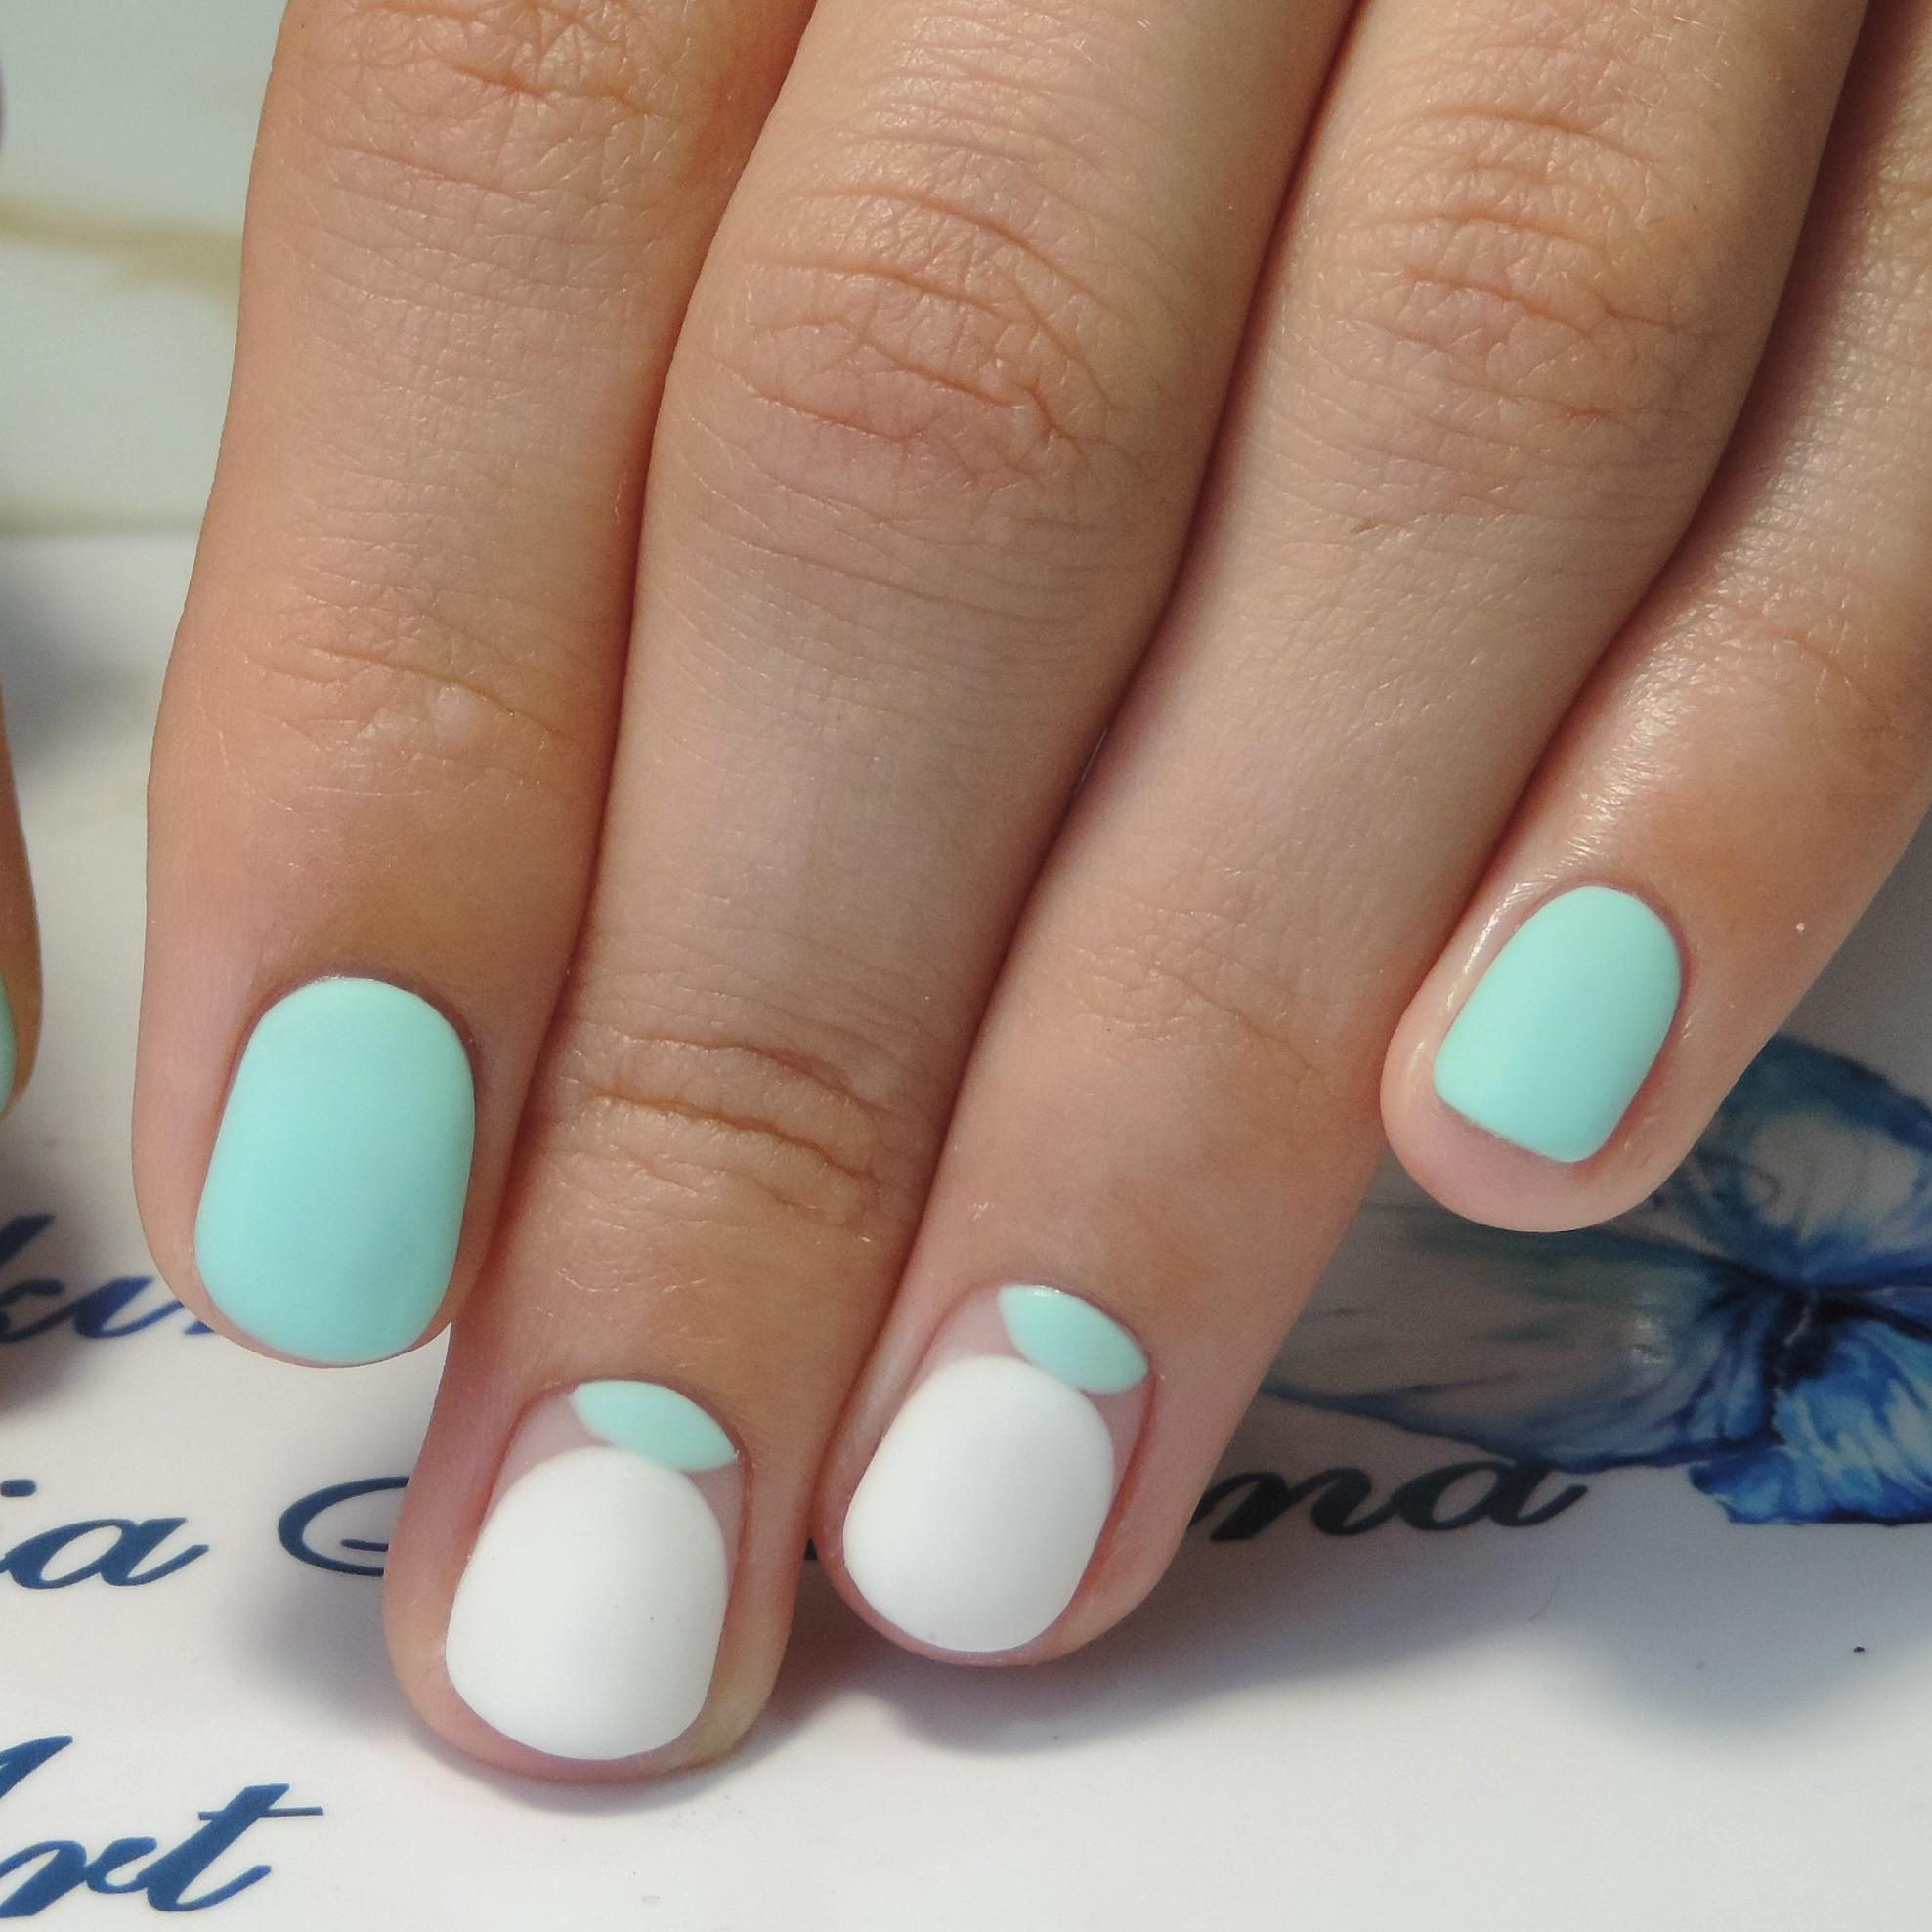 Модный тенденции нэйл-арта: Нежный маникюр весна-лето 2018